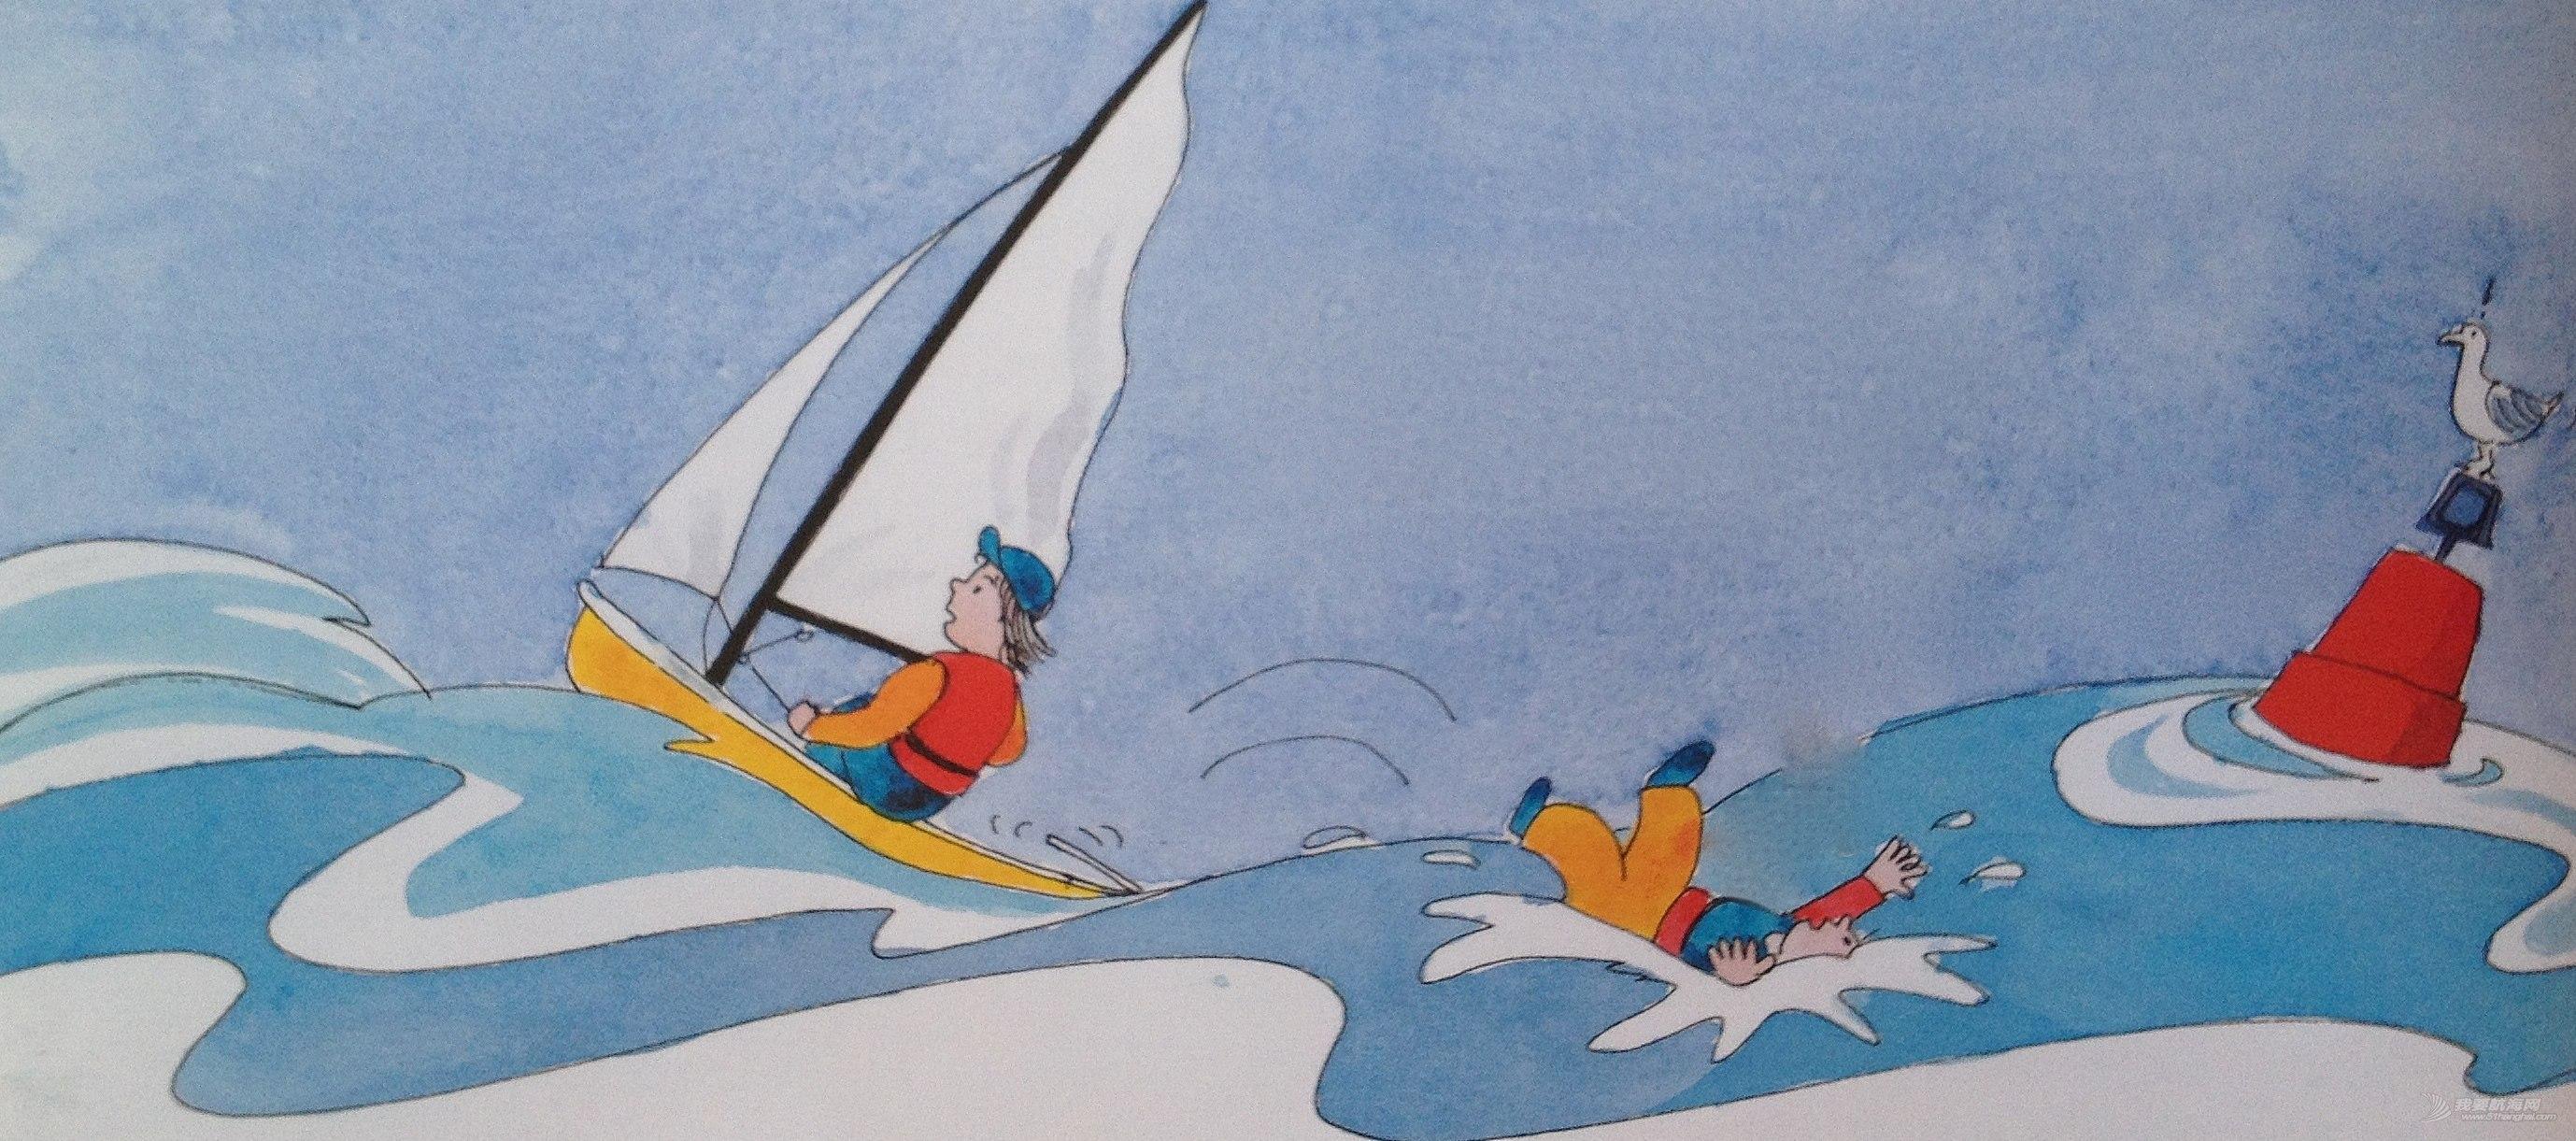 救生衣 航行中若有船员不慎掉入水中,采用以下办法尽快解救。